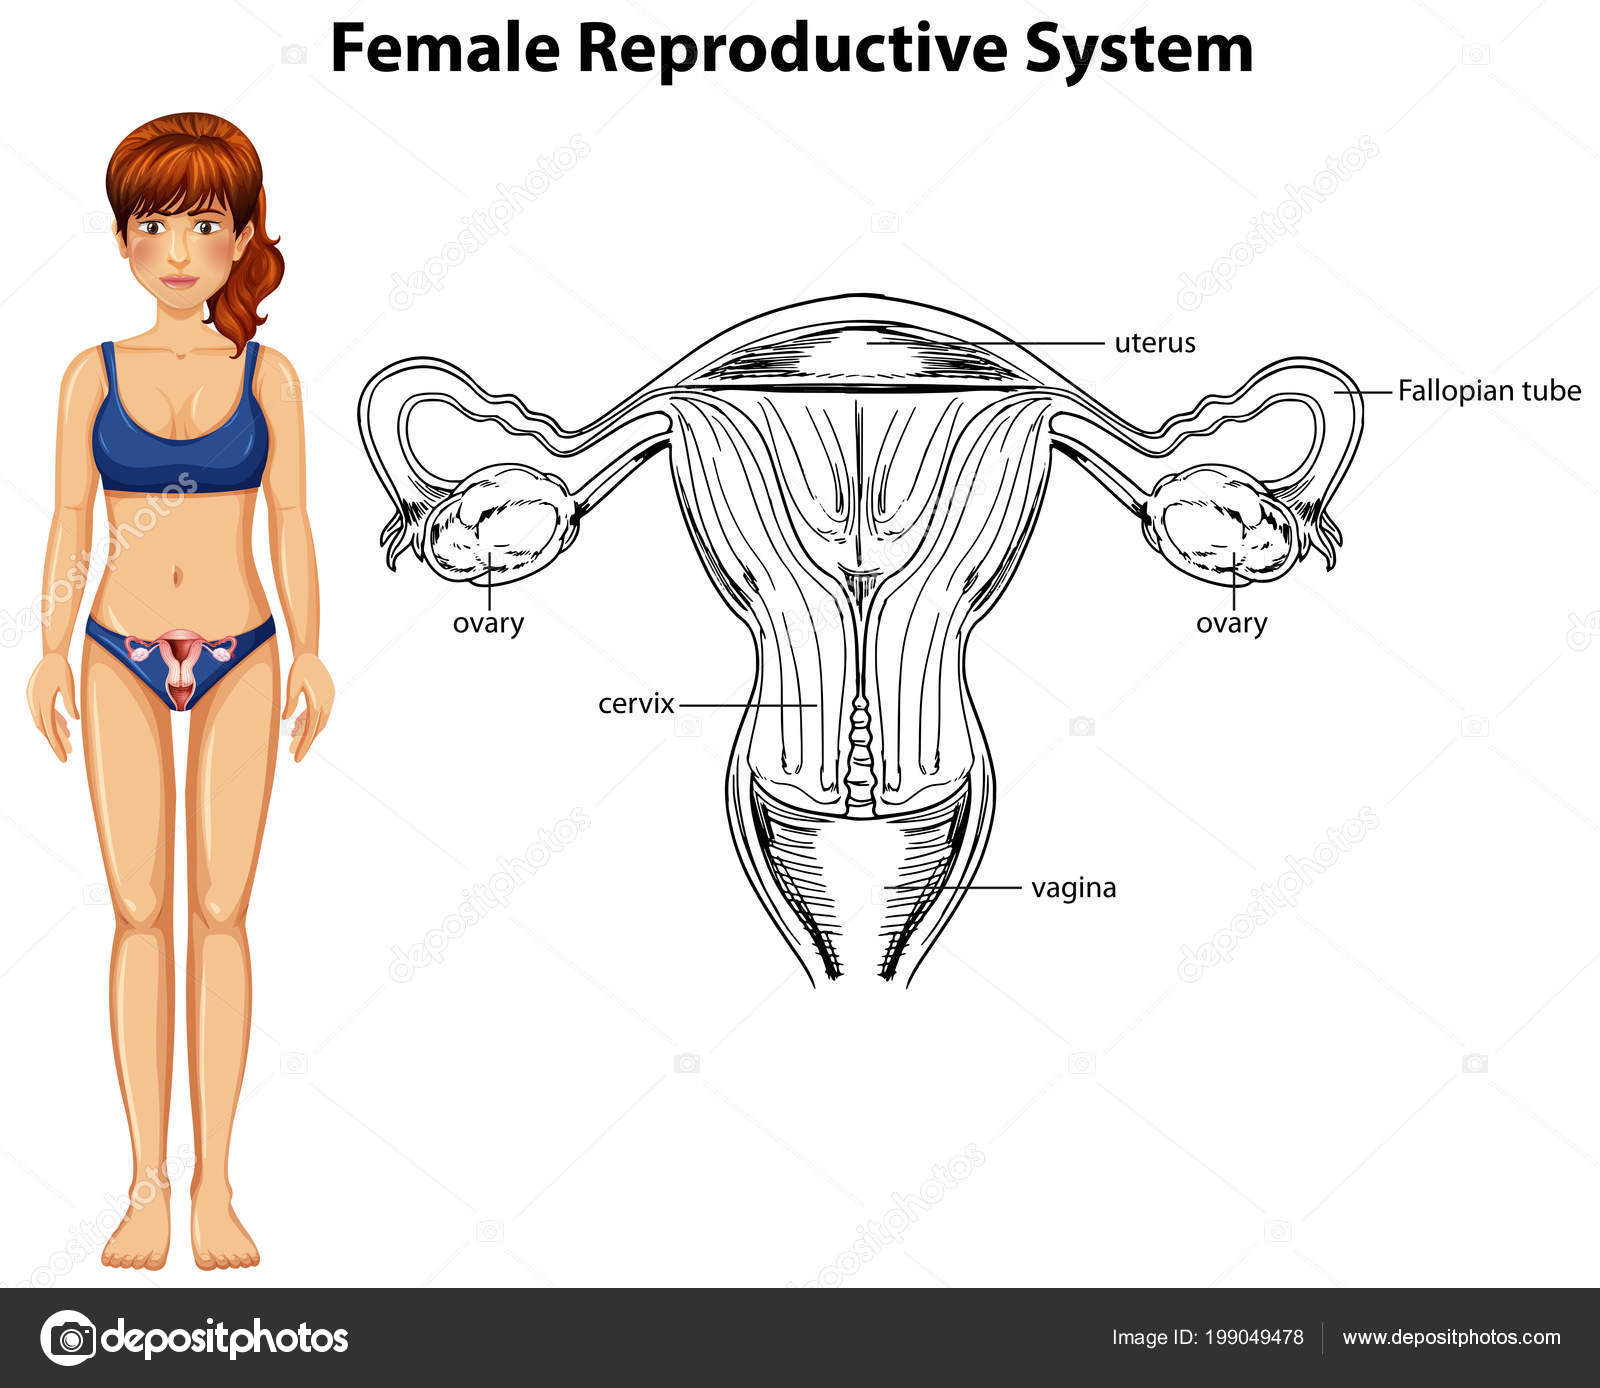 imágenes de anatomía reproductiva femenina ilustración anatomía